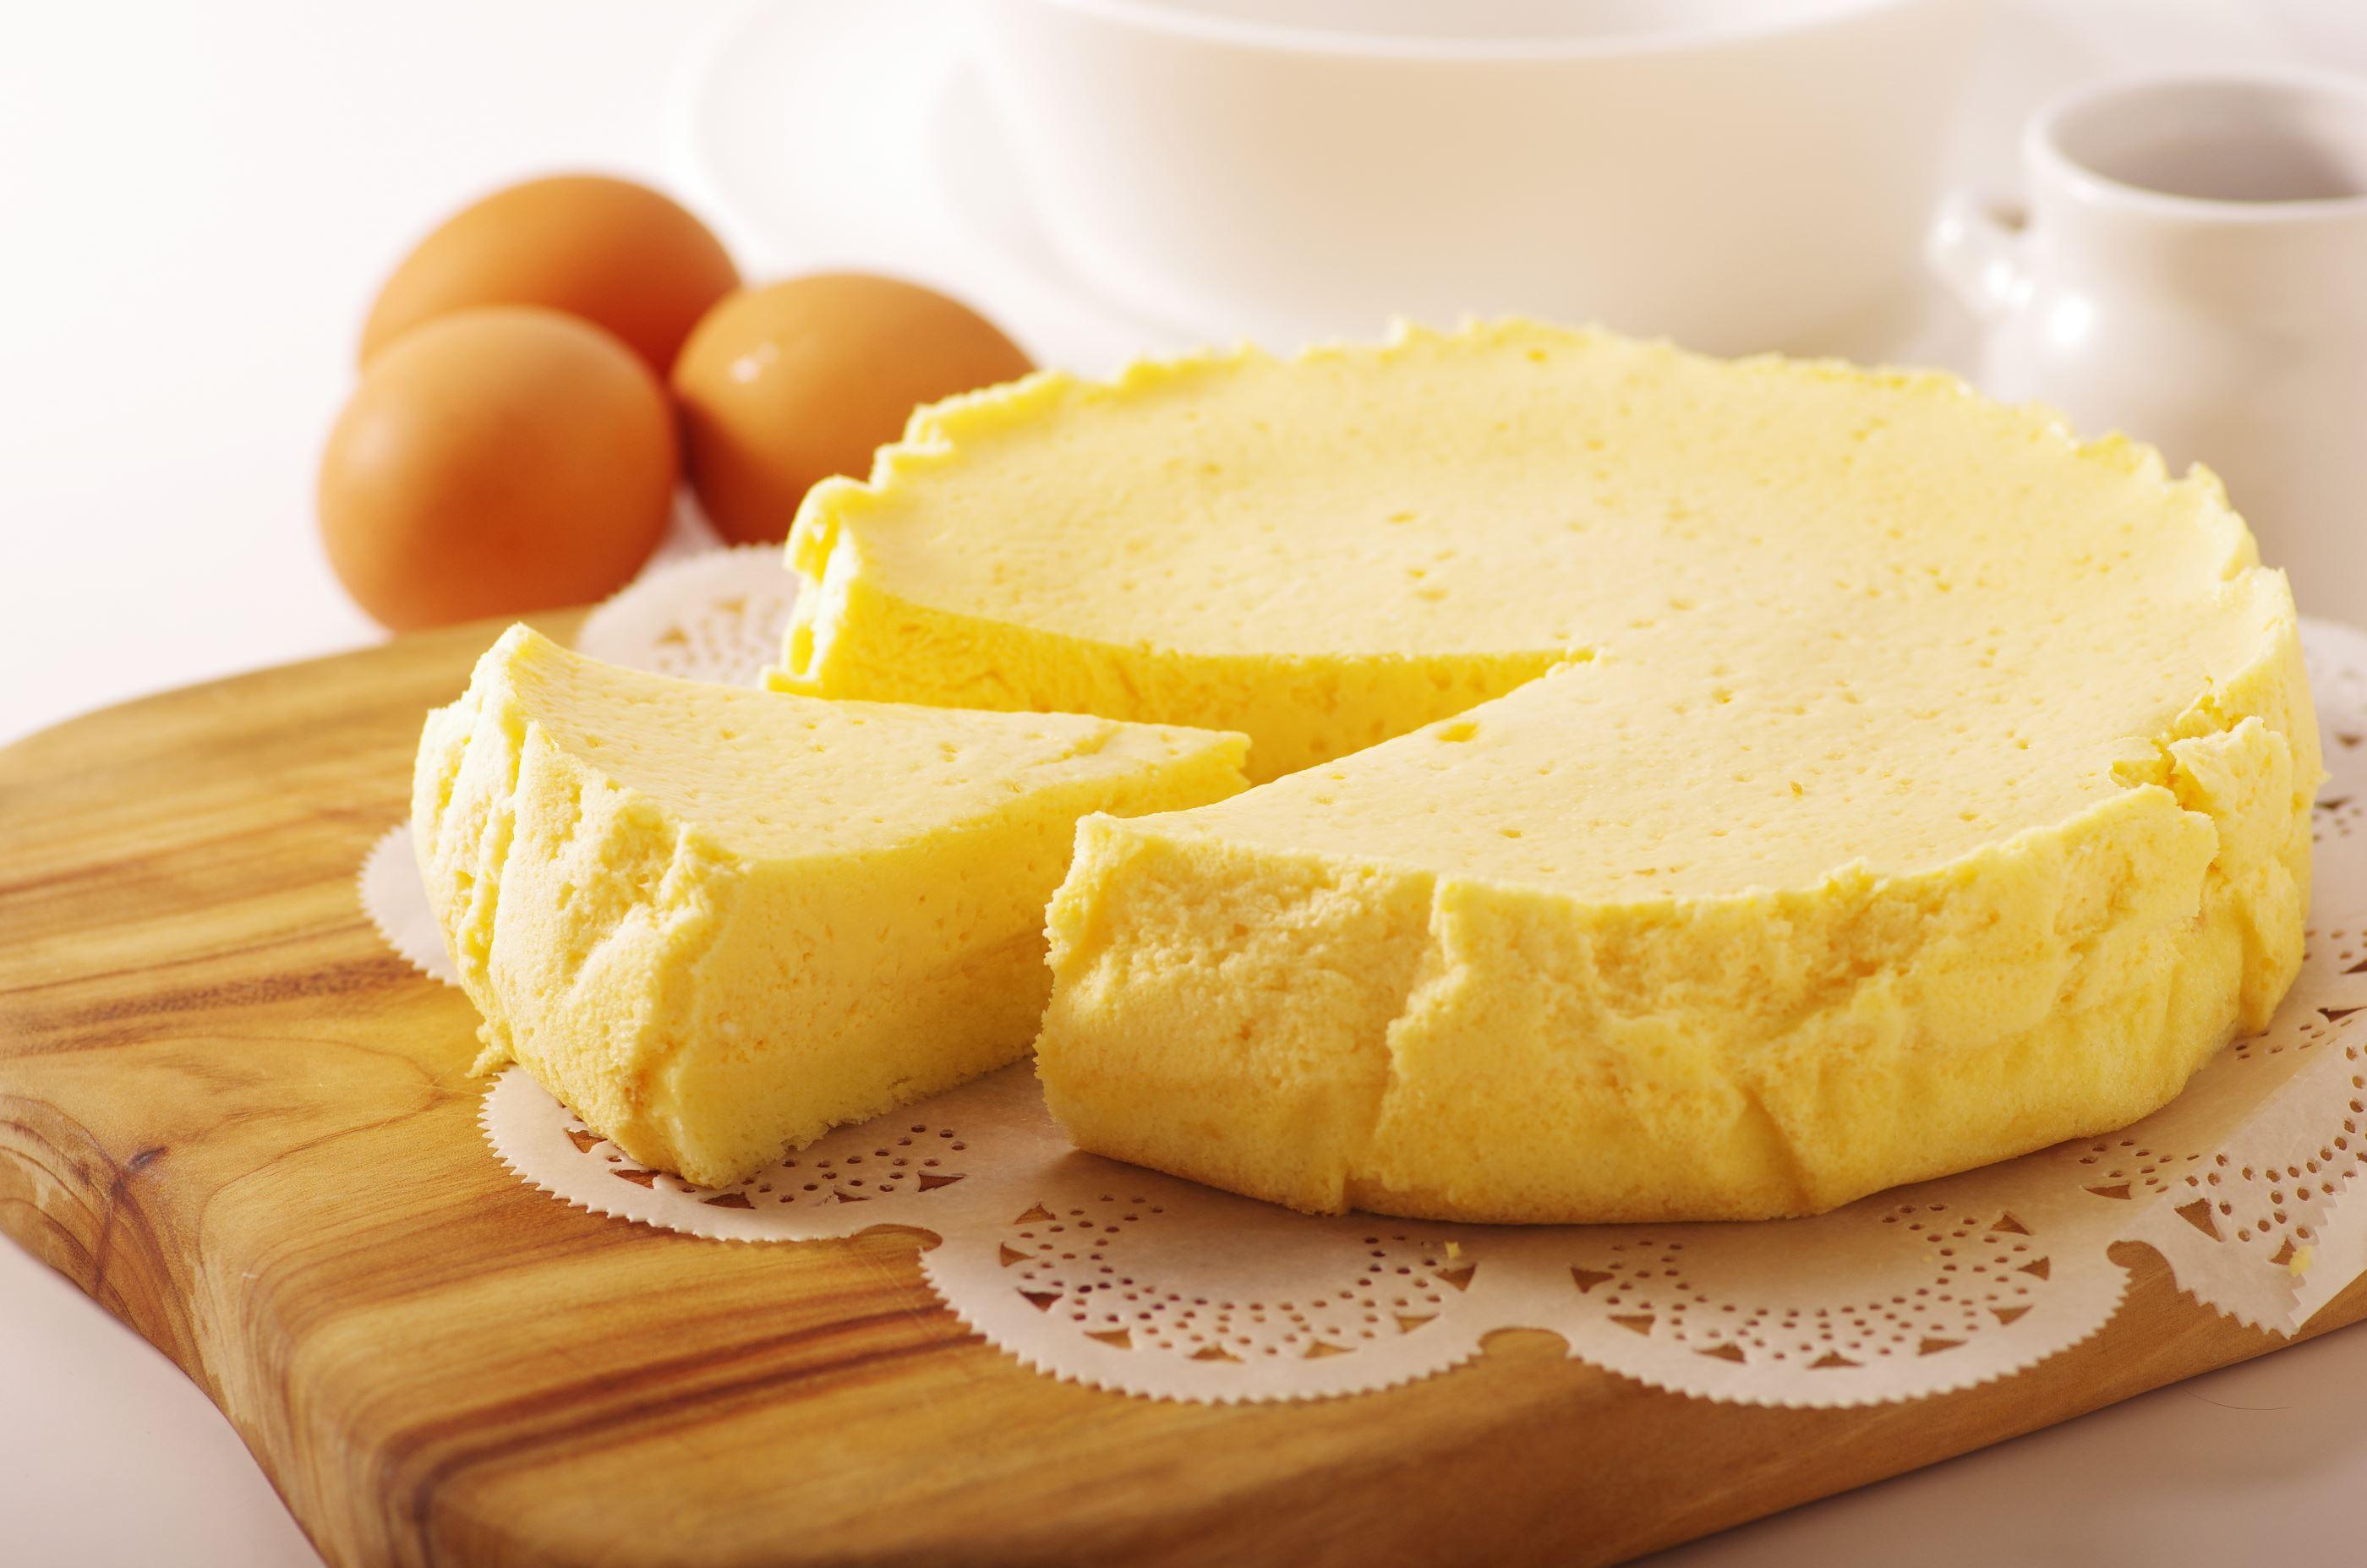 達克闇黑工場半熟原味重乳酪